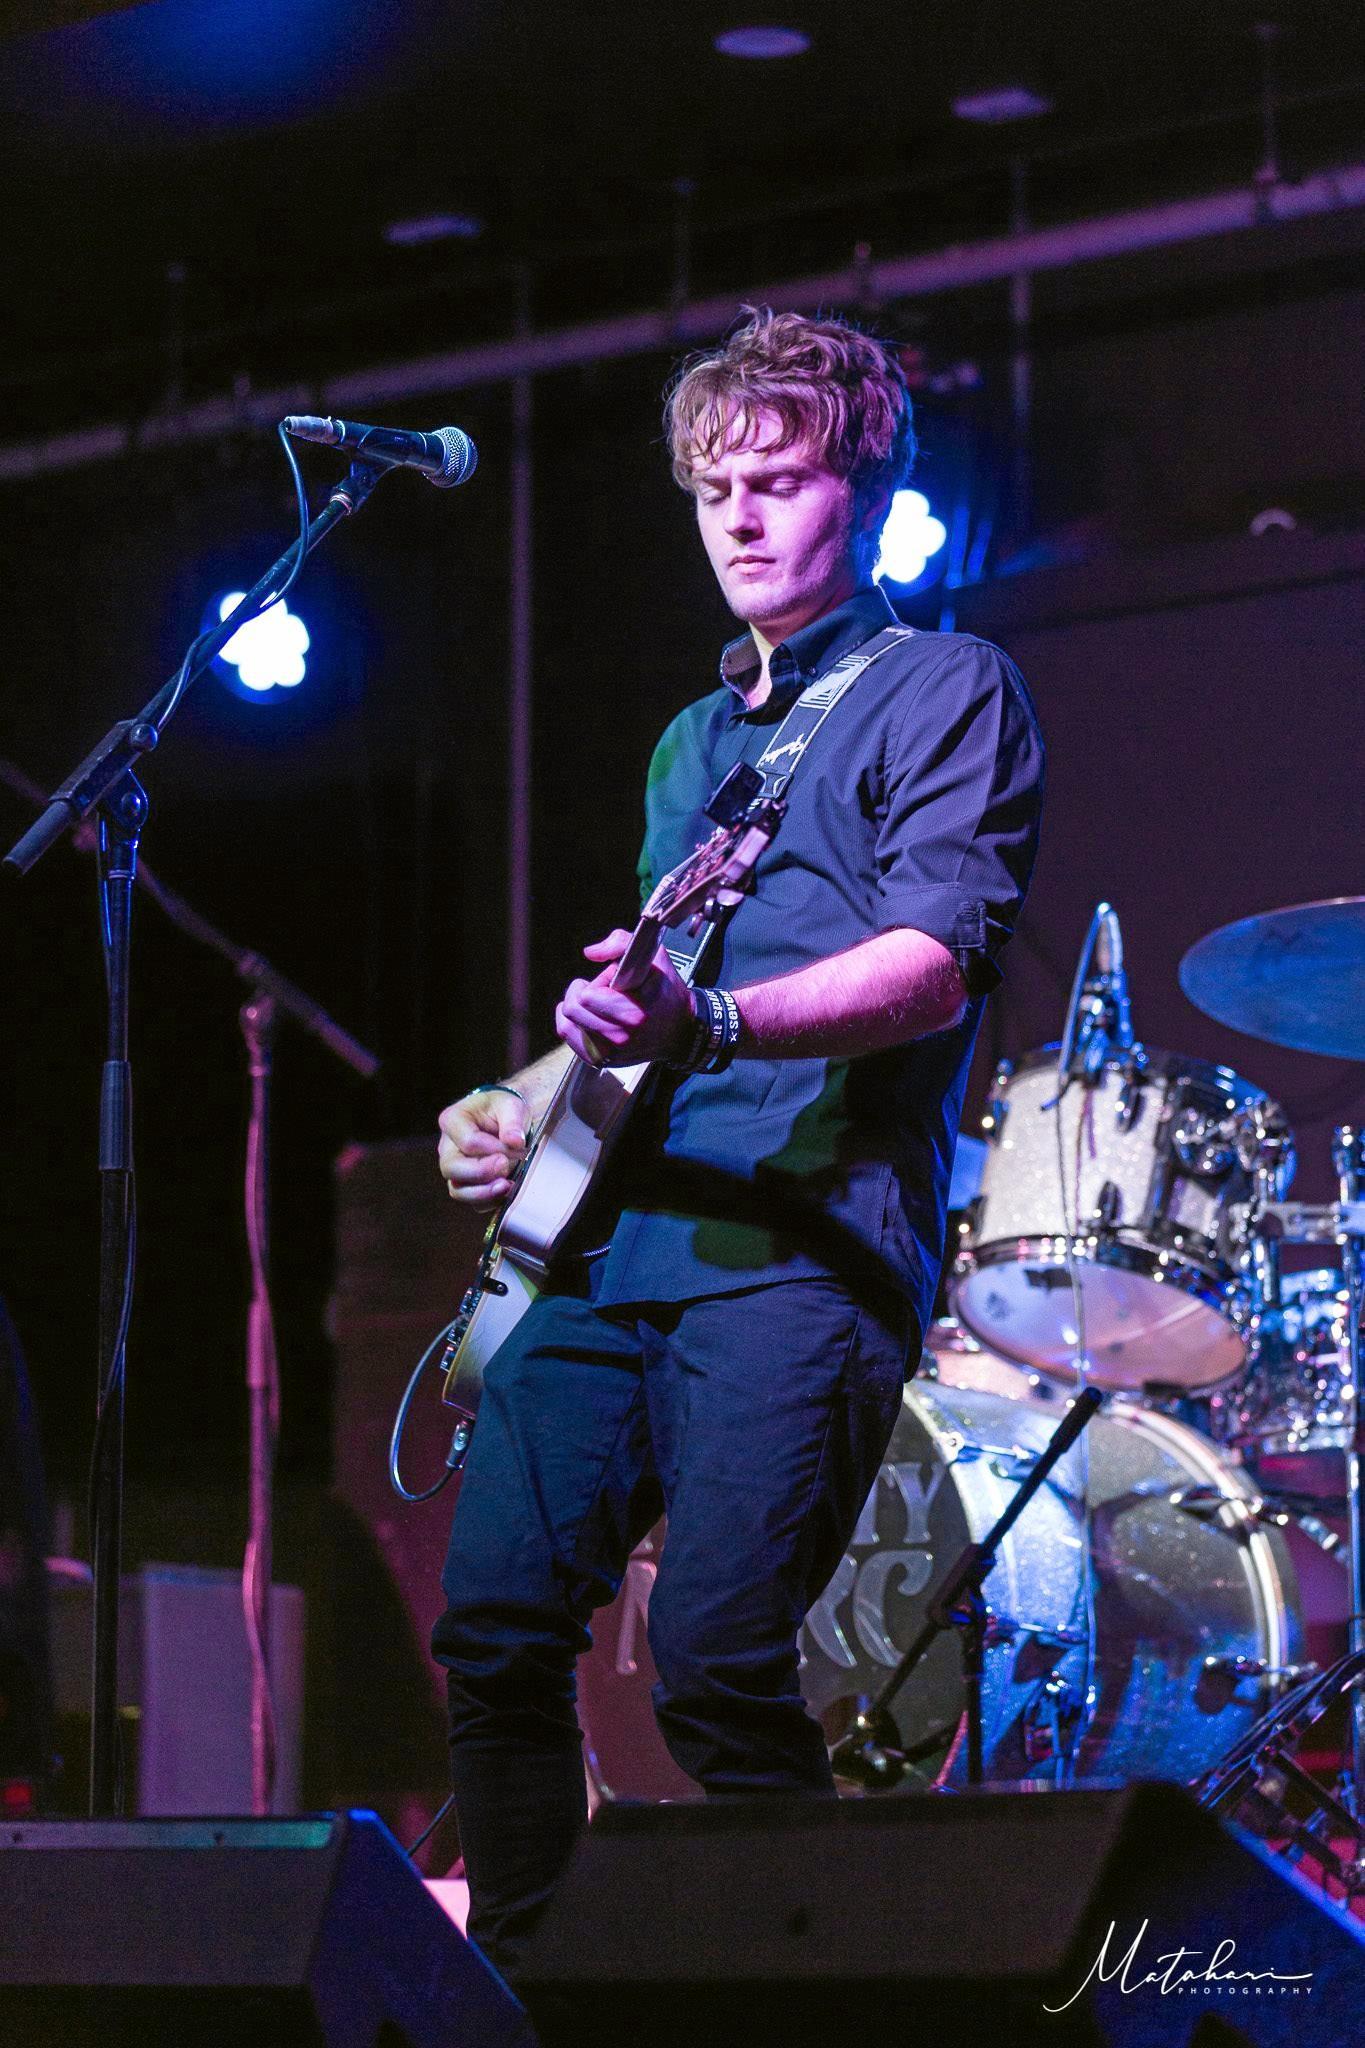 ON SONG: Singer, songwriter Blake Allen.